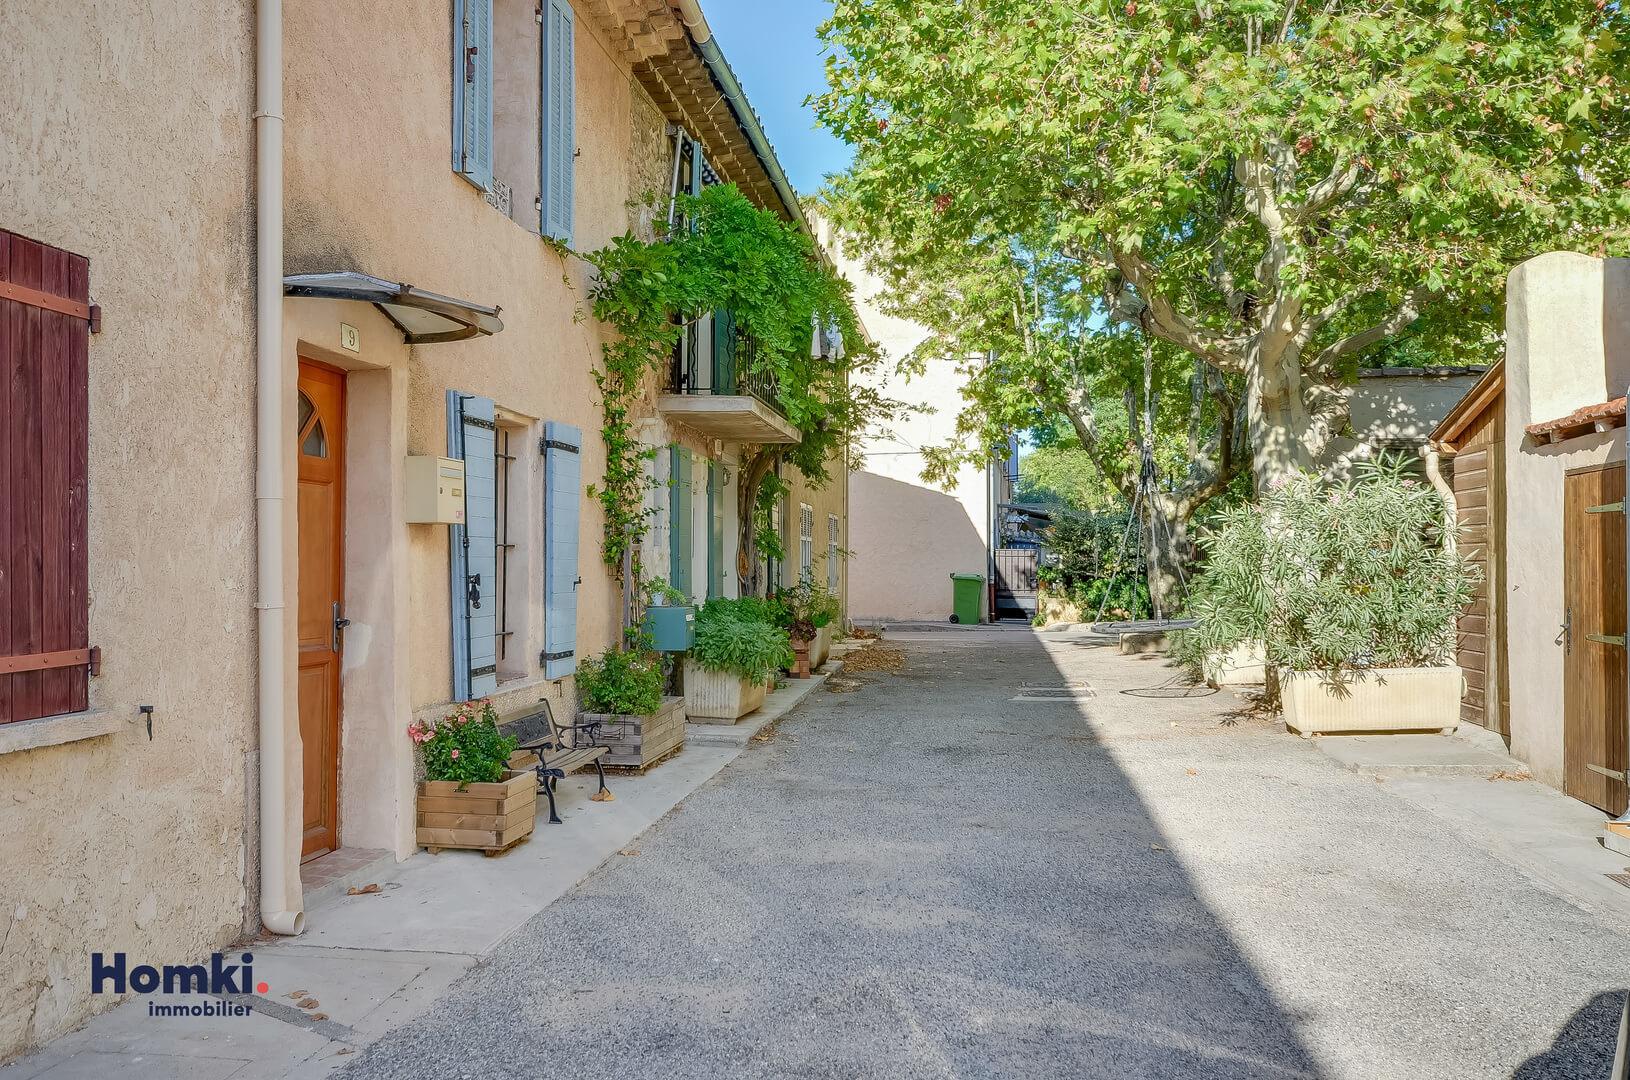 Vente Maison 70 m² T3 13290 Aix en Provence_1